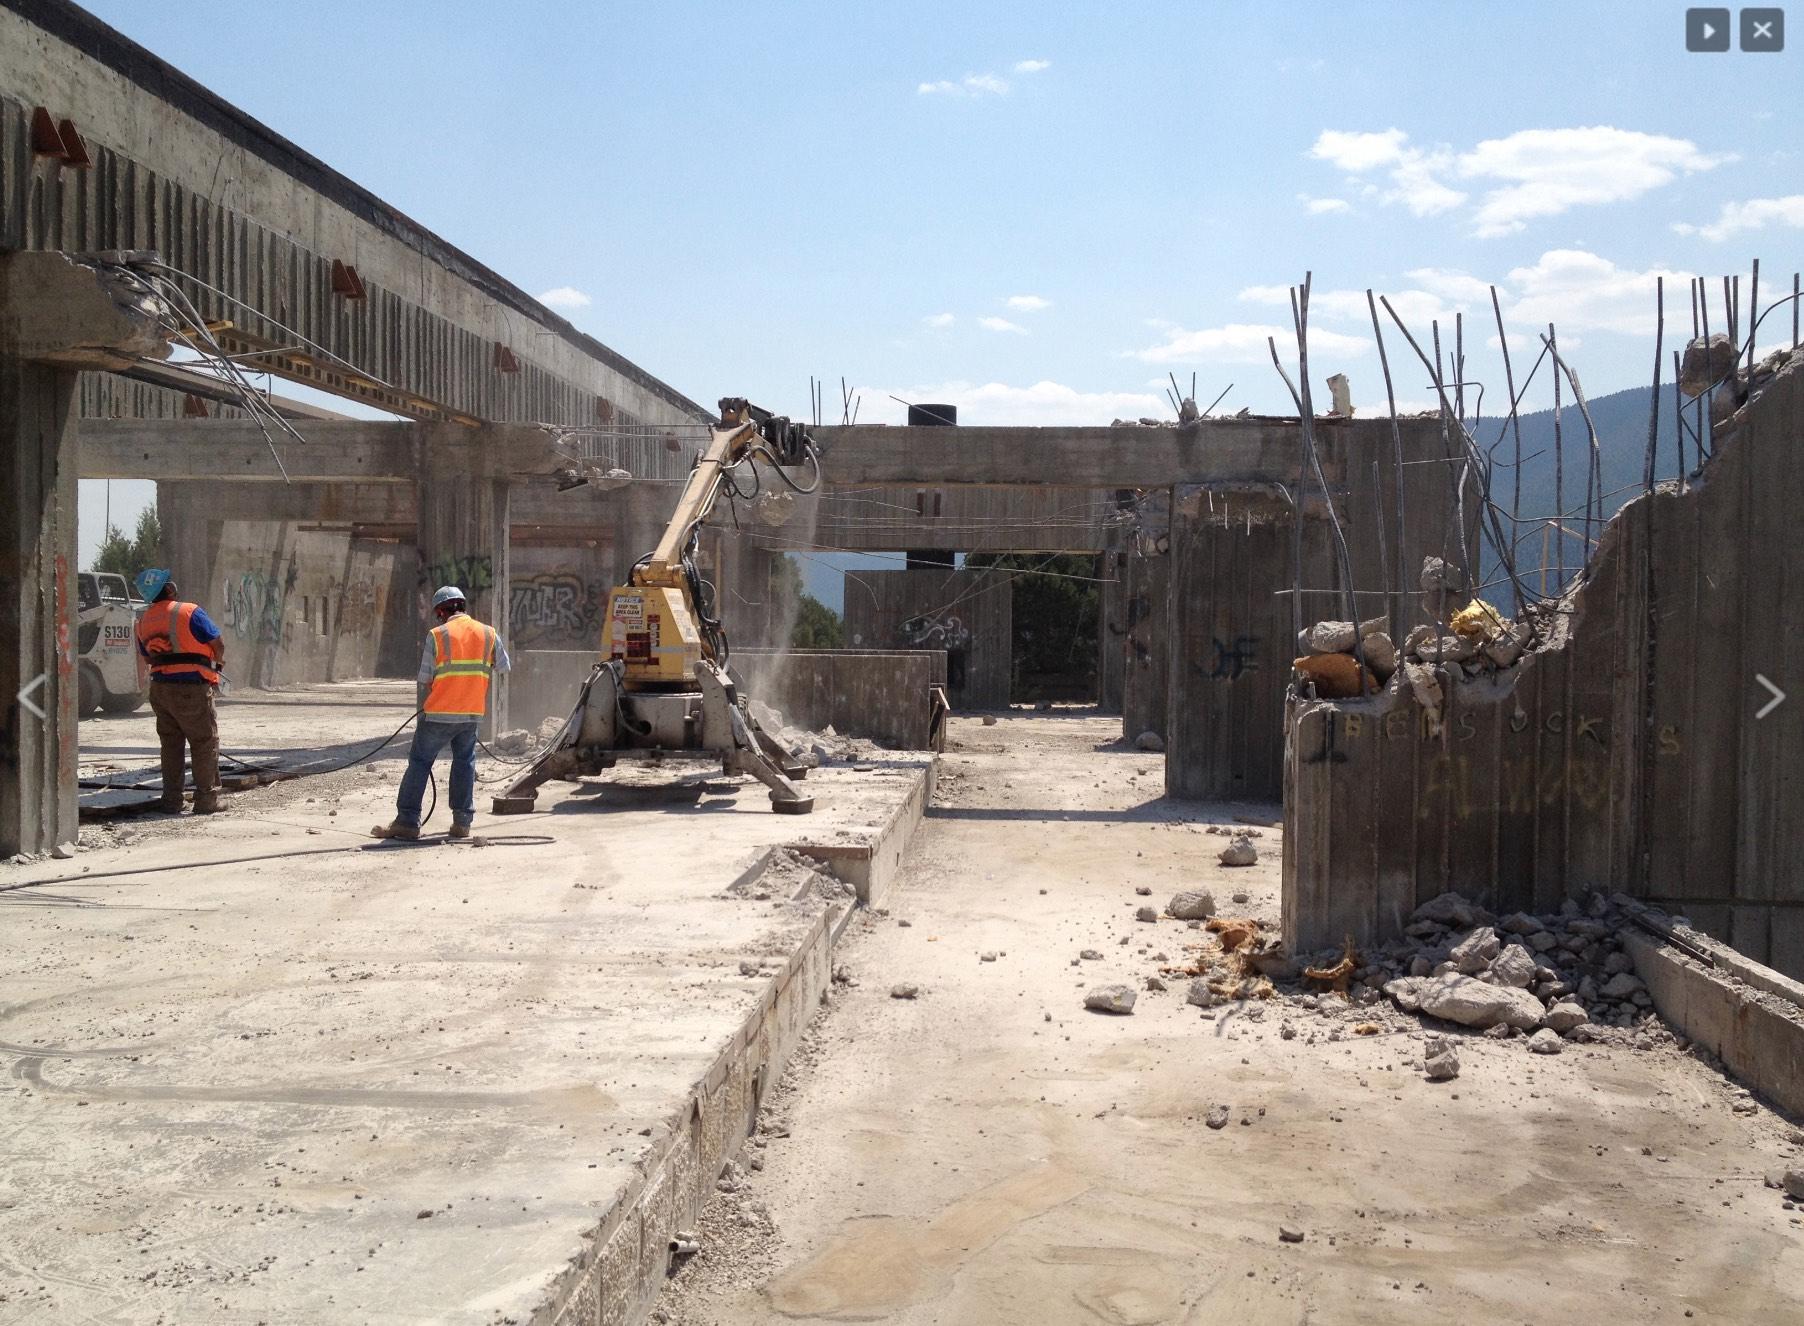 hillen-demolition-7.jpg